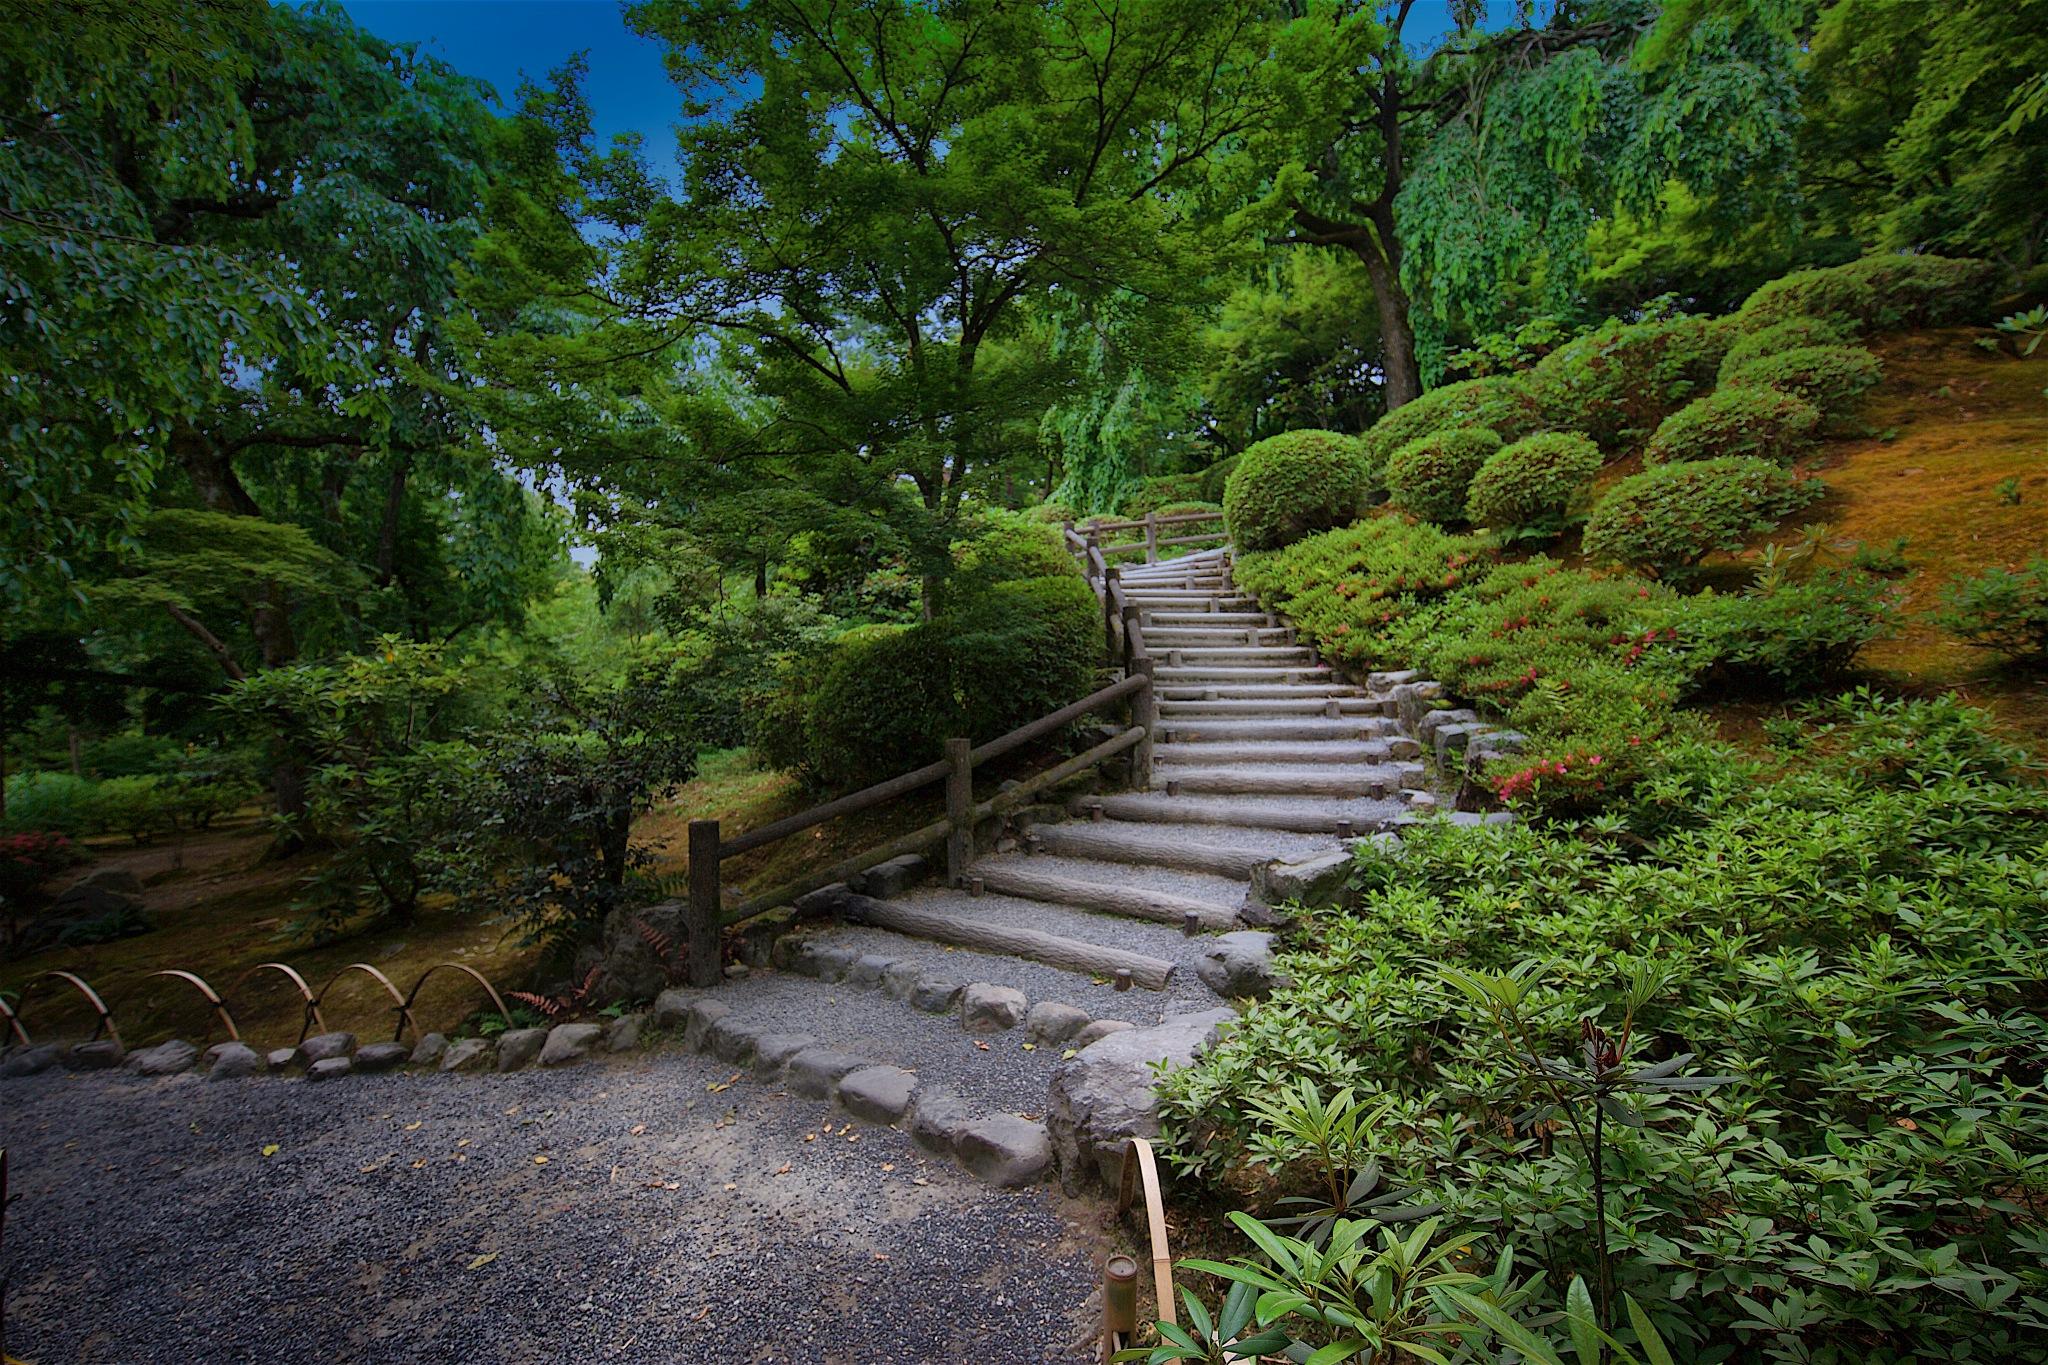 Kyoto Gardens by Tom K